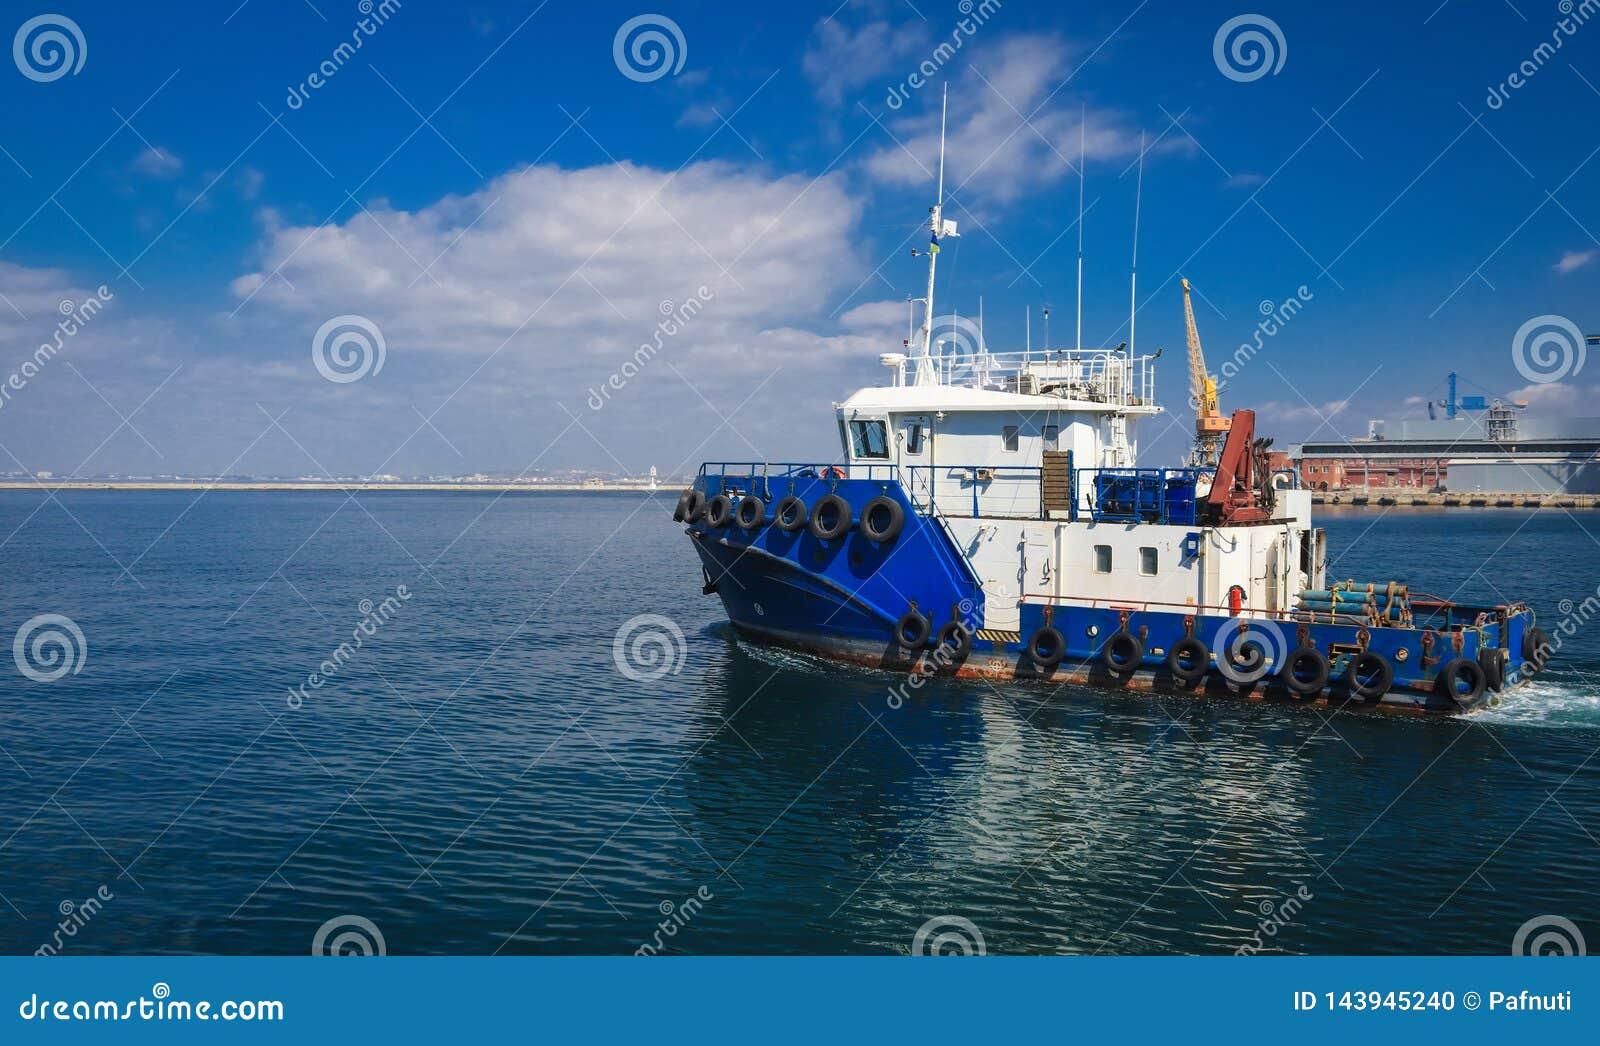 Remolque de la nave en el mar abierto, navegación azul del remolcador en el mar